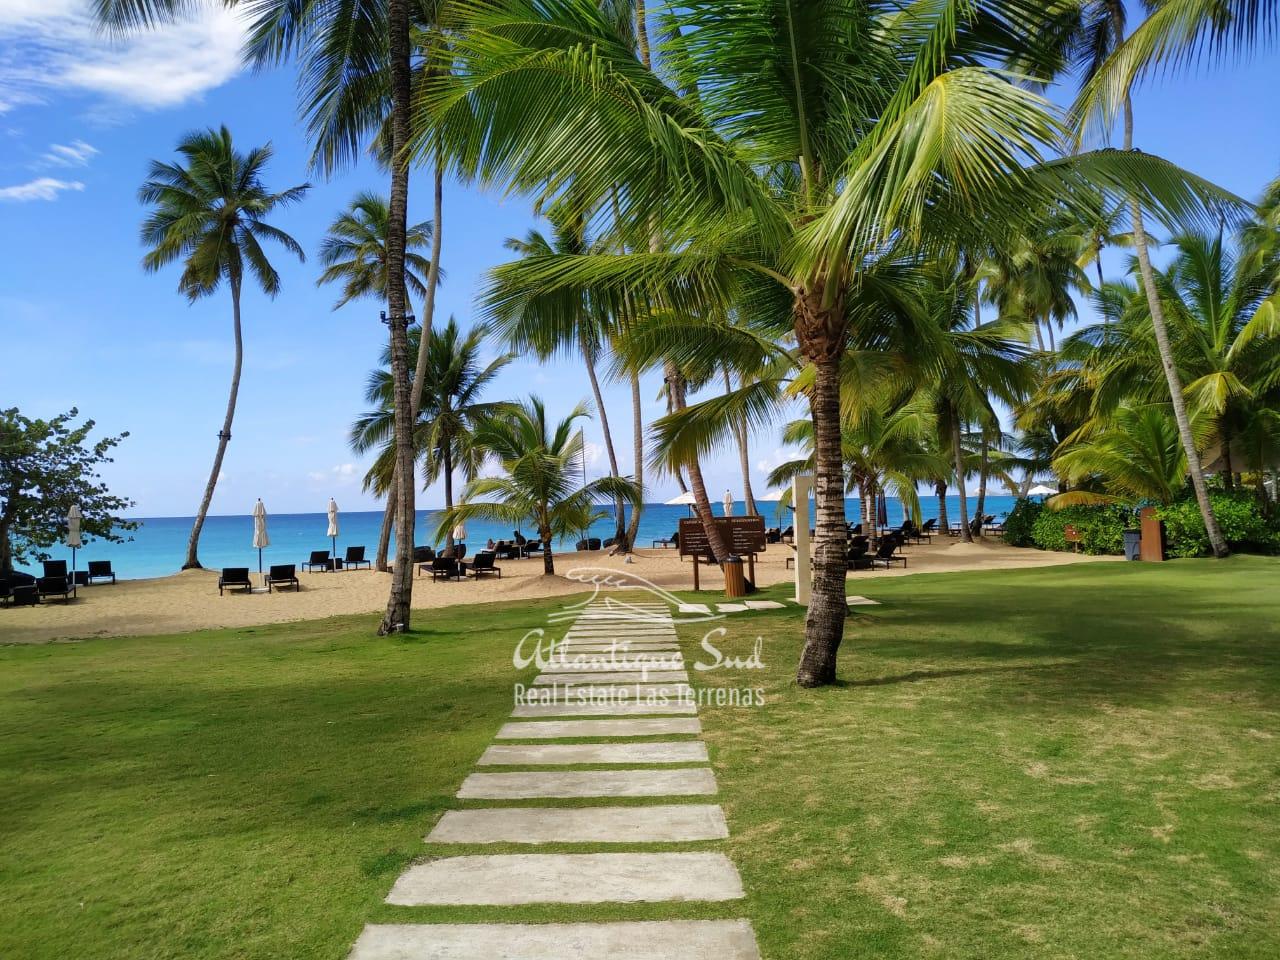 condo-in-all-inclusive-beachfront-hotel-lasterrenas8.jpeg